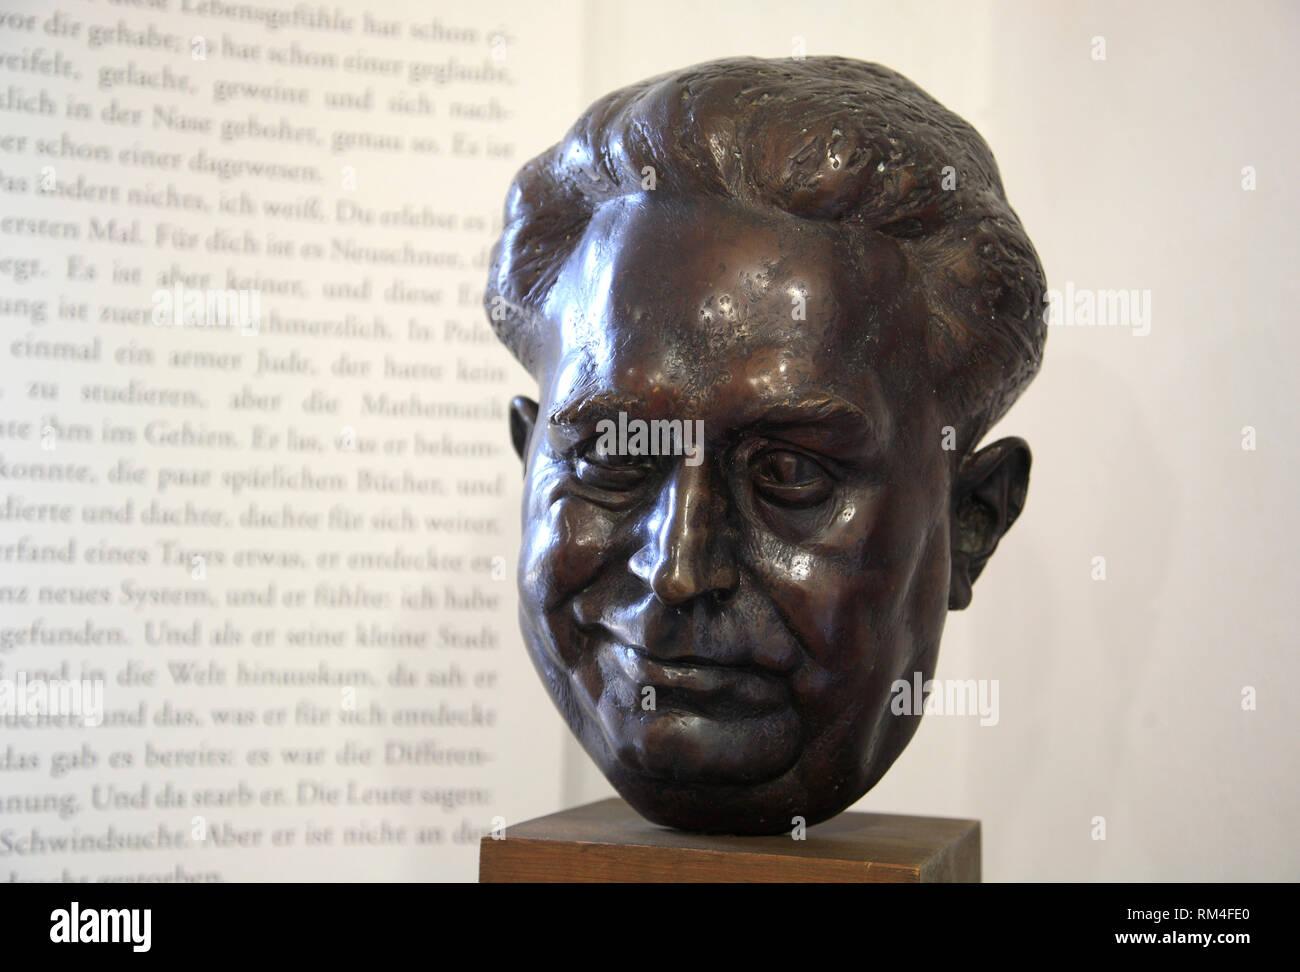 Kurt-Tucholsky-Museum, Rheinsberg, Brandenburg, Germany, Europe Stock Photo